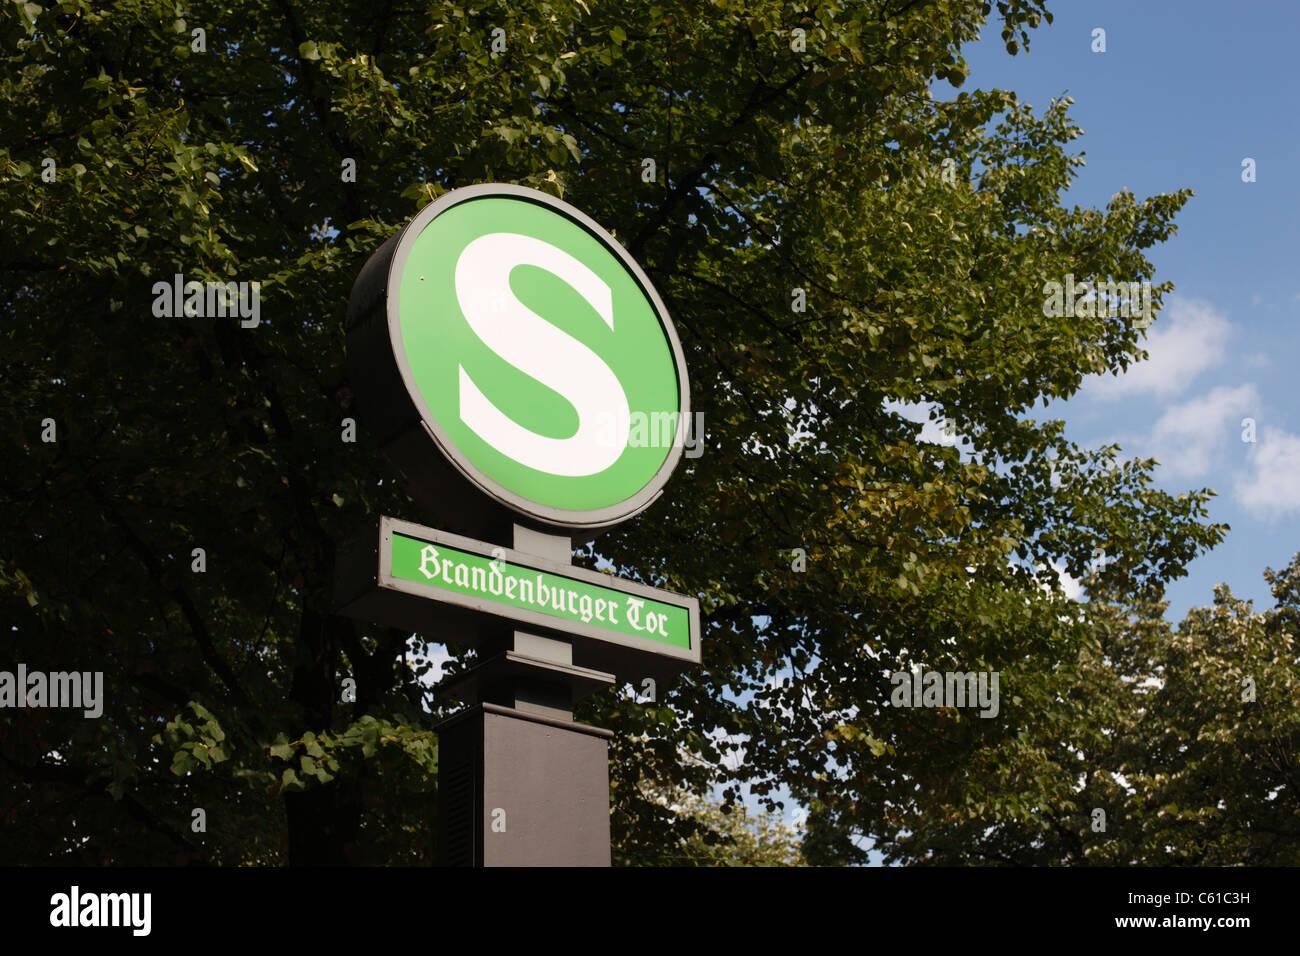 S-Bahn Station Zeichen für Brandenburger Tor in Berlin, Deutschland. Stockbild